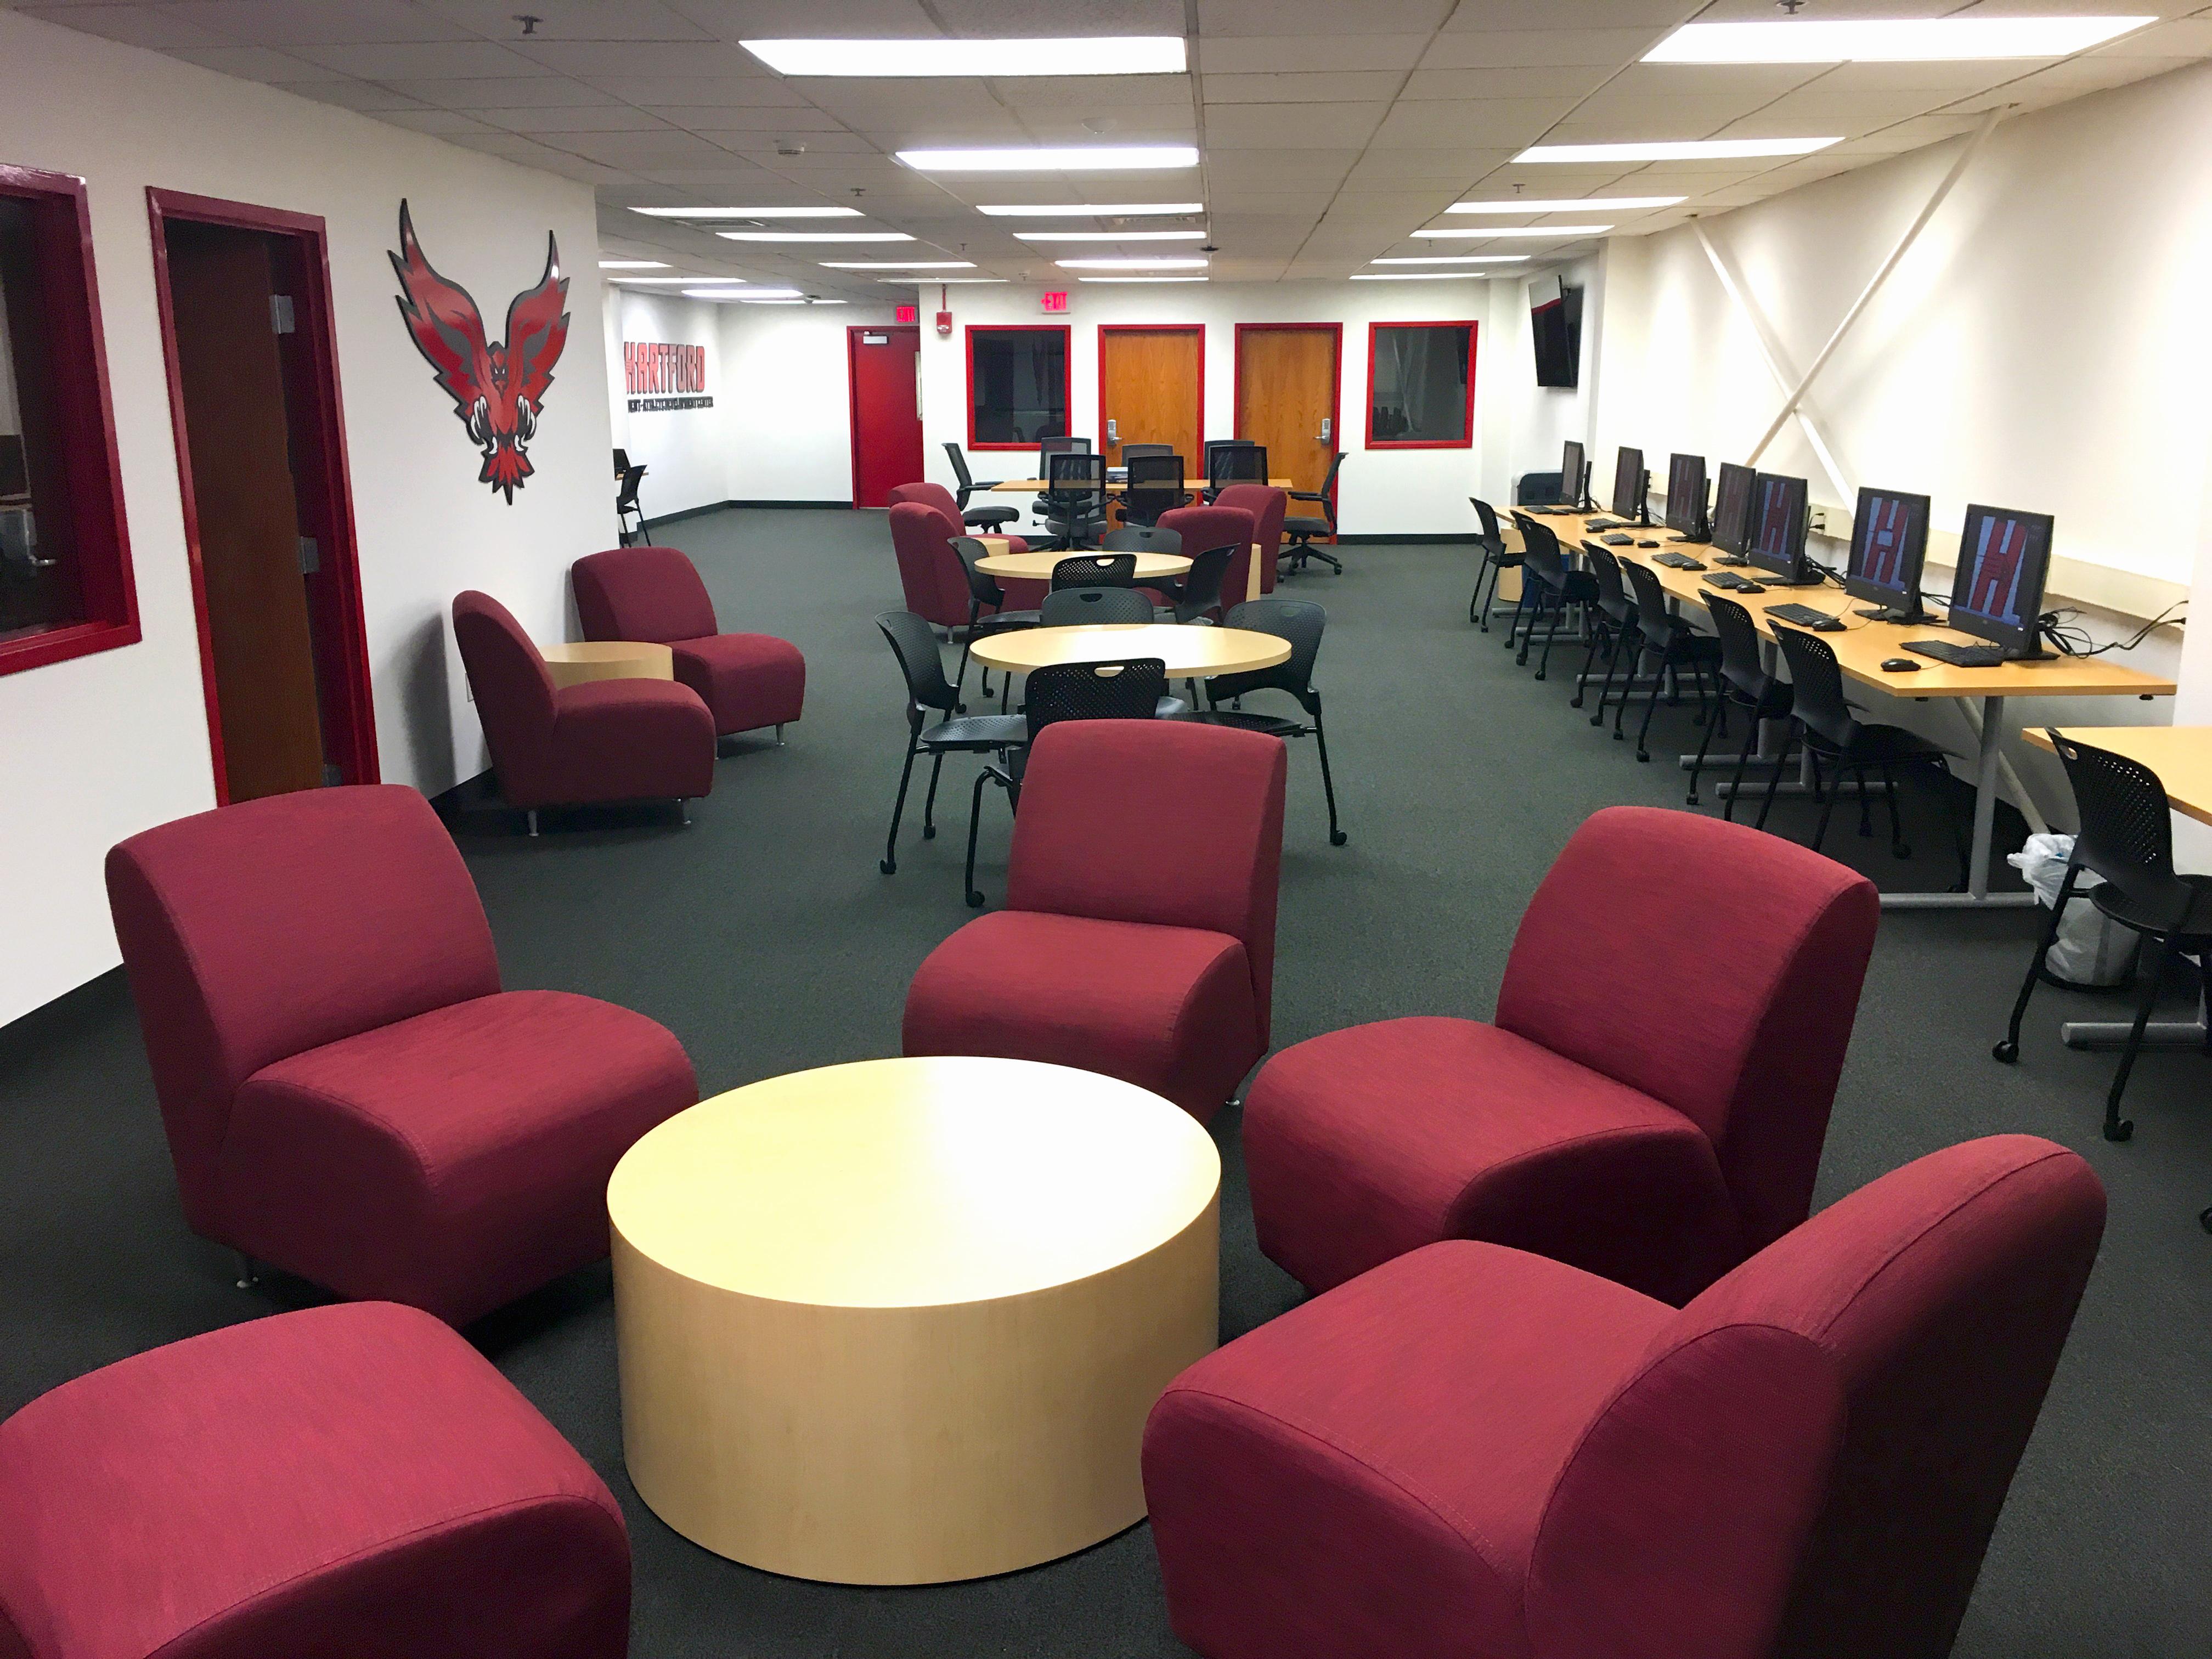 67 Office Furniture Rental Alliance East Hartford Ct